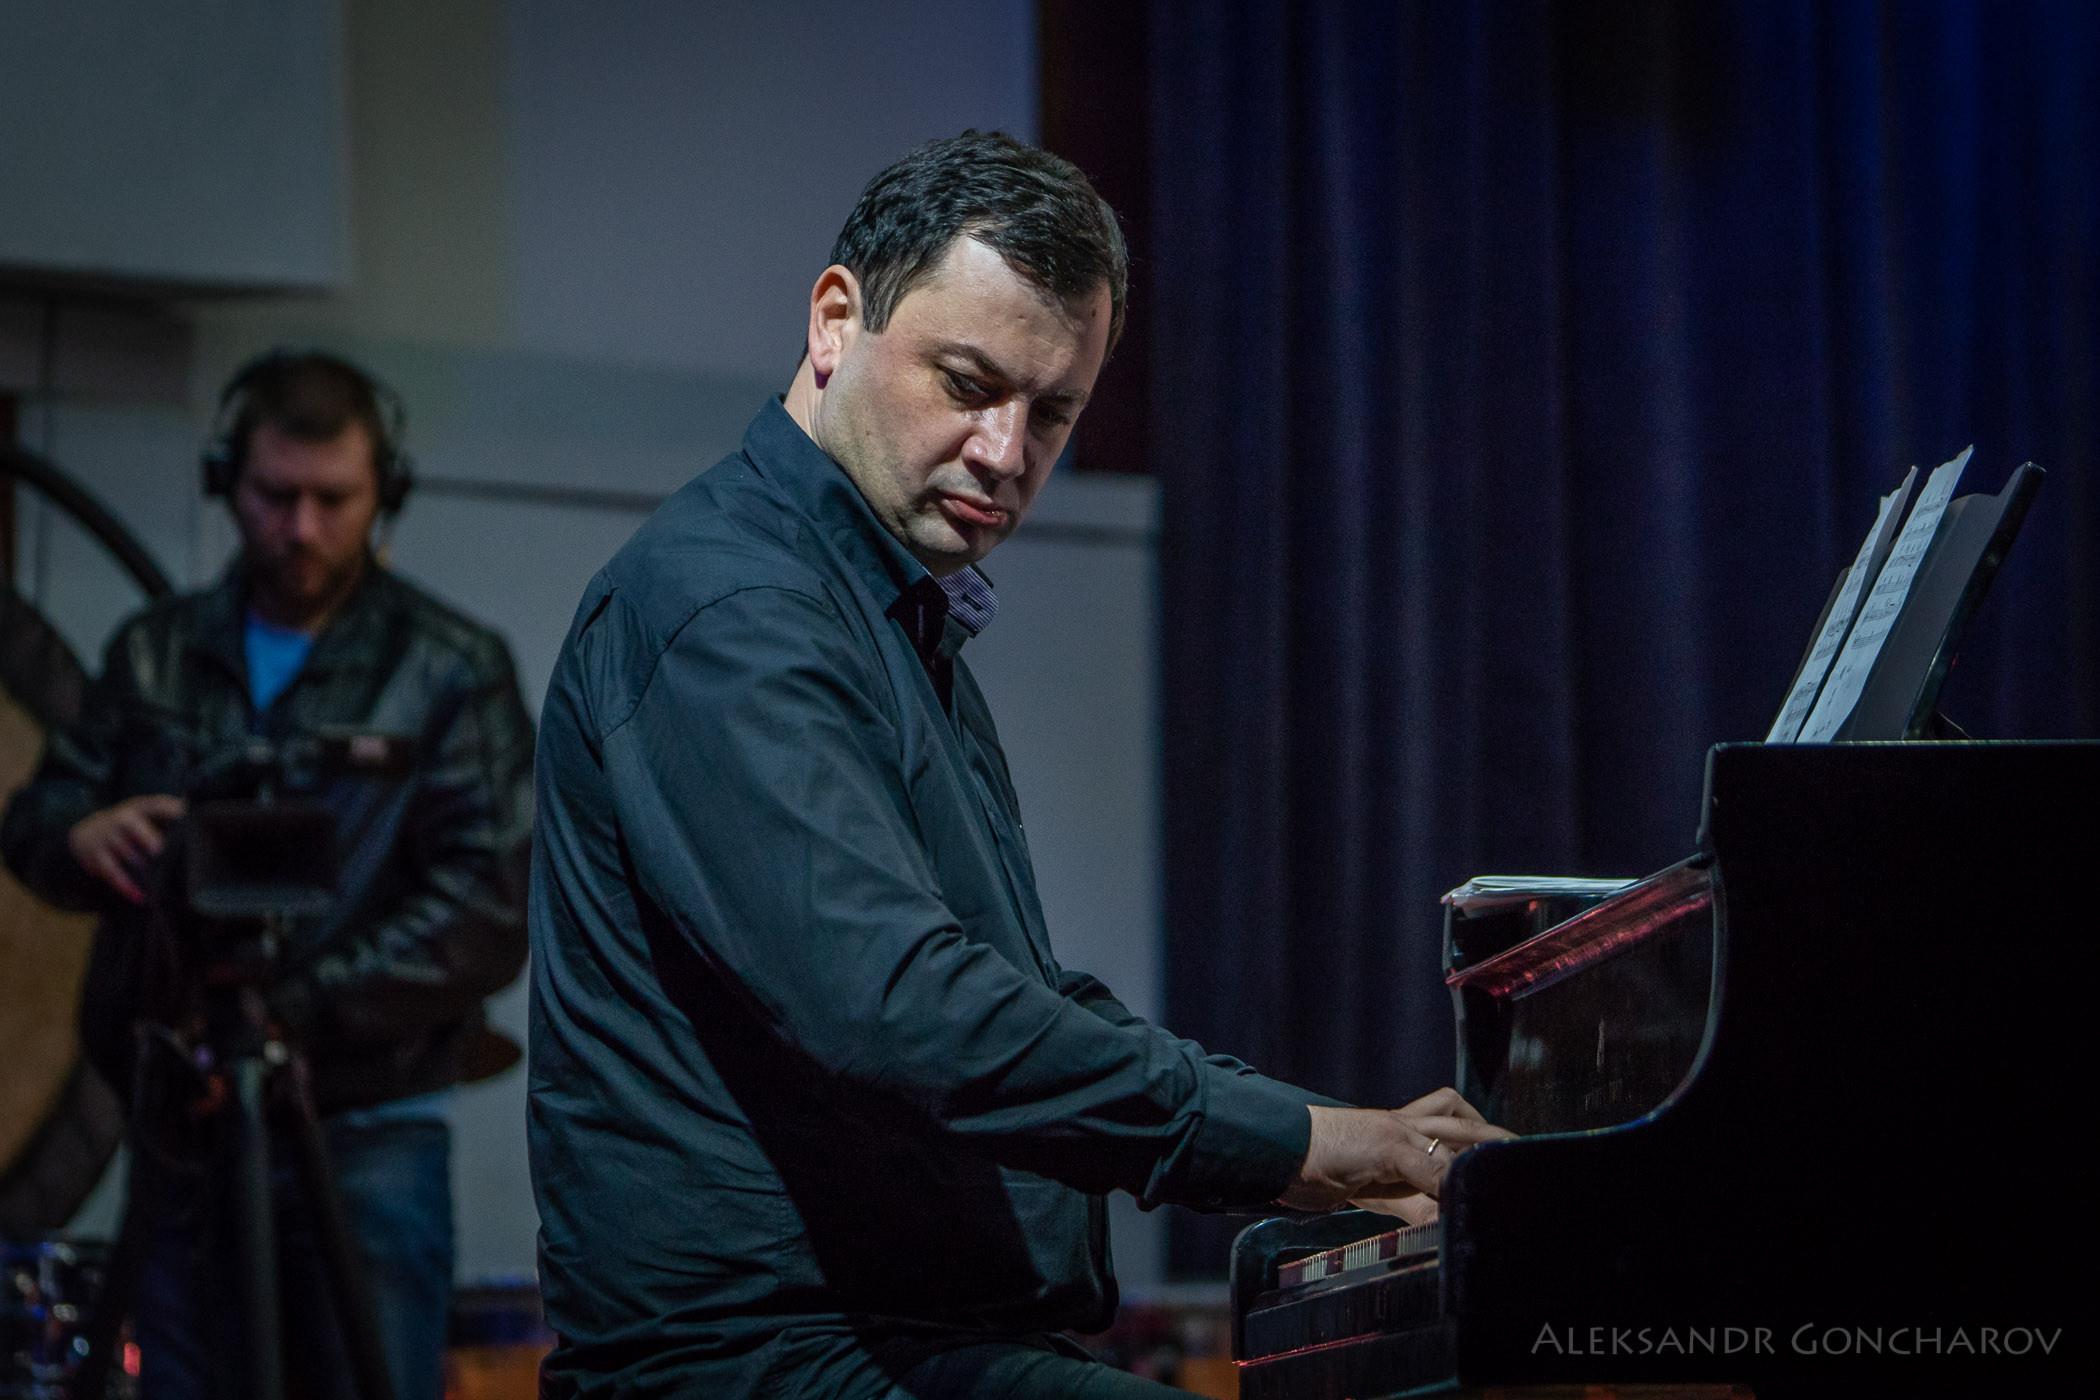 Усейн Бекиров, крымскотатарский композитор, аранжировщик и джазмен